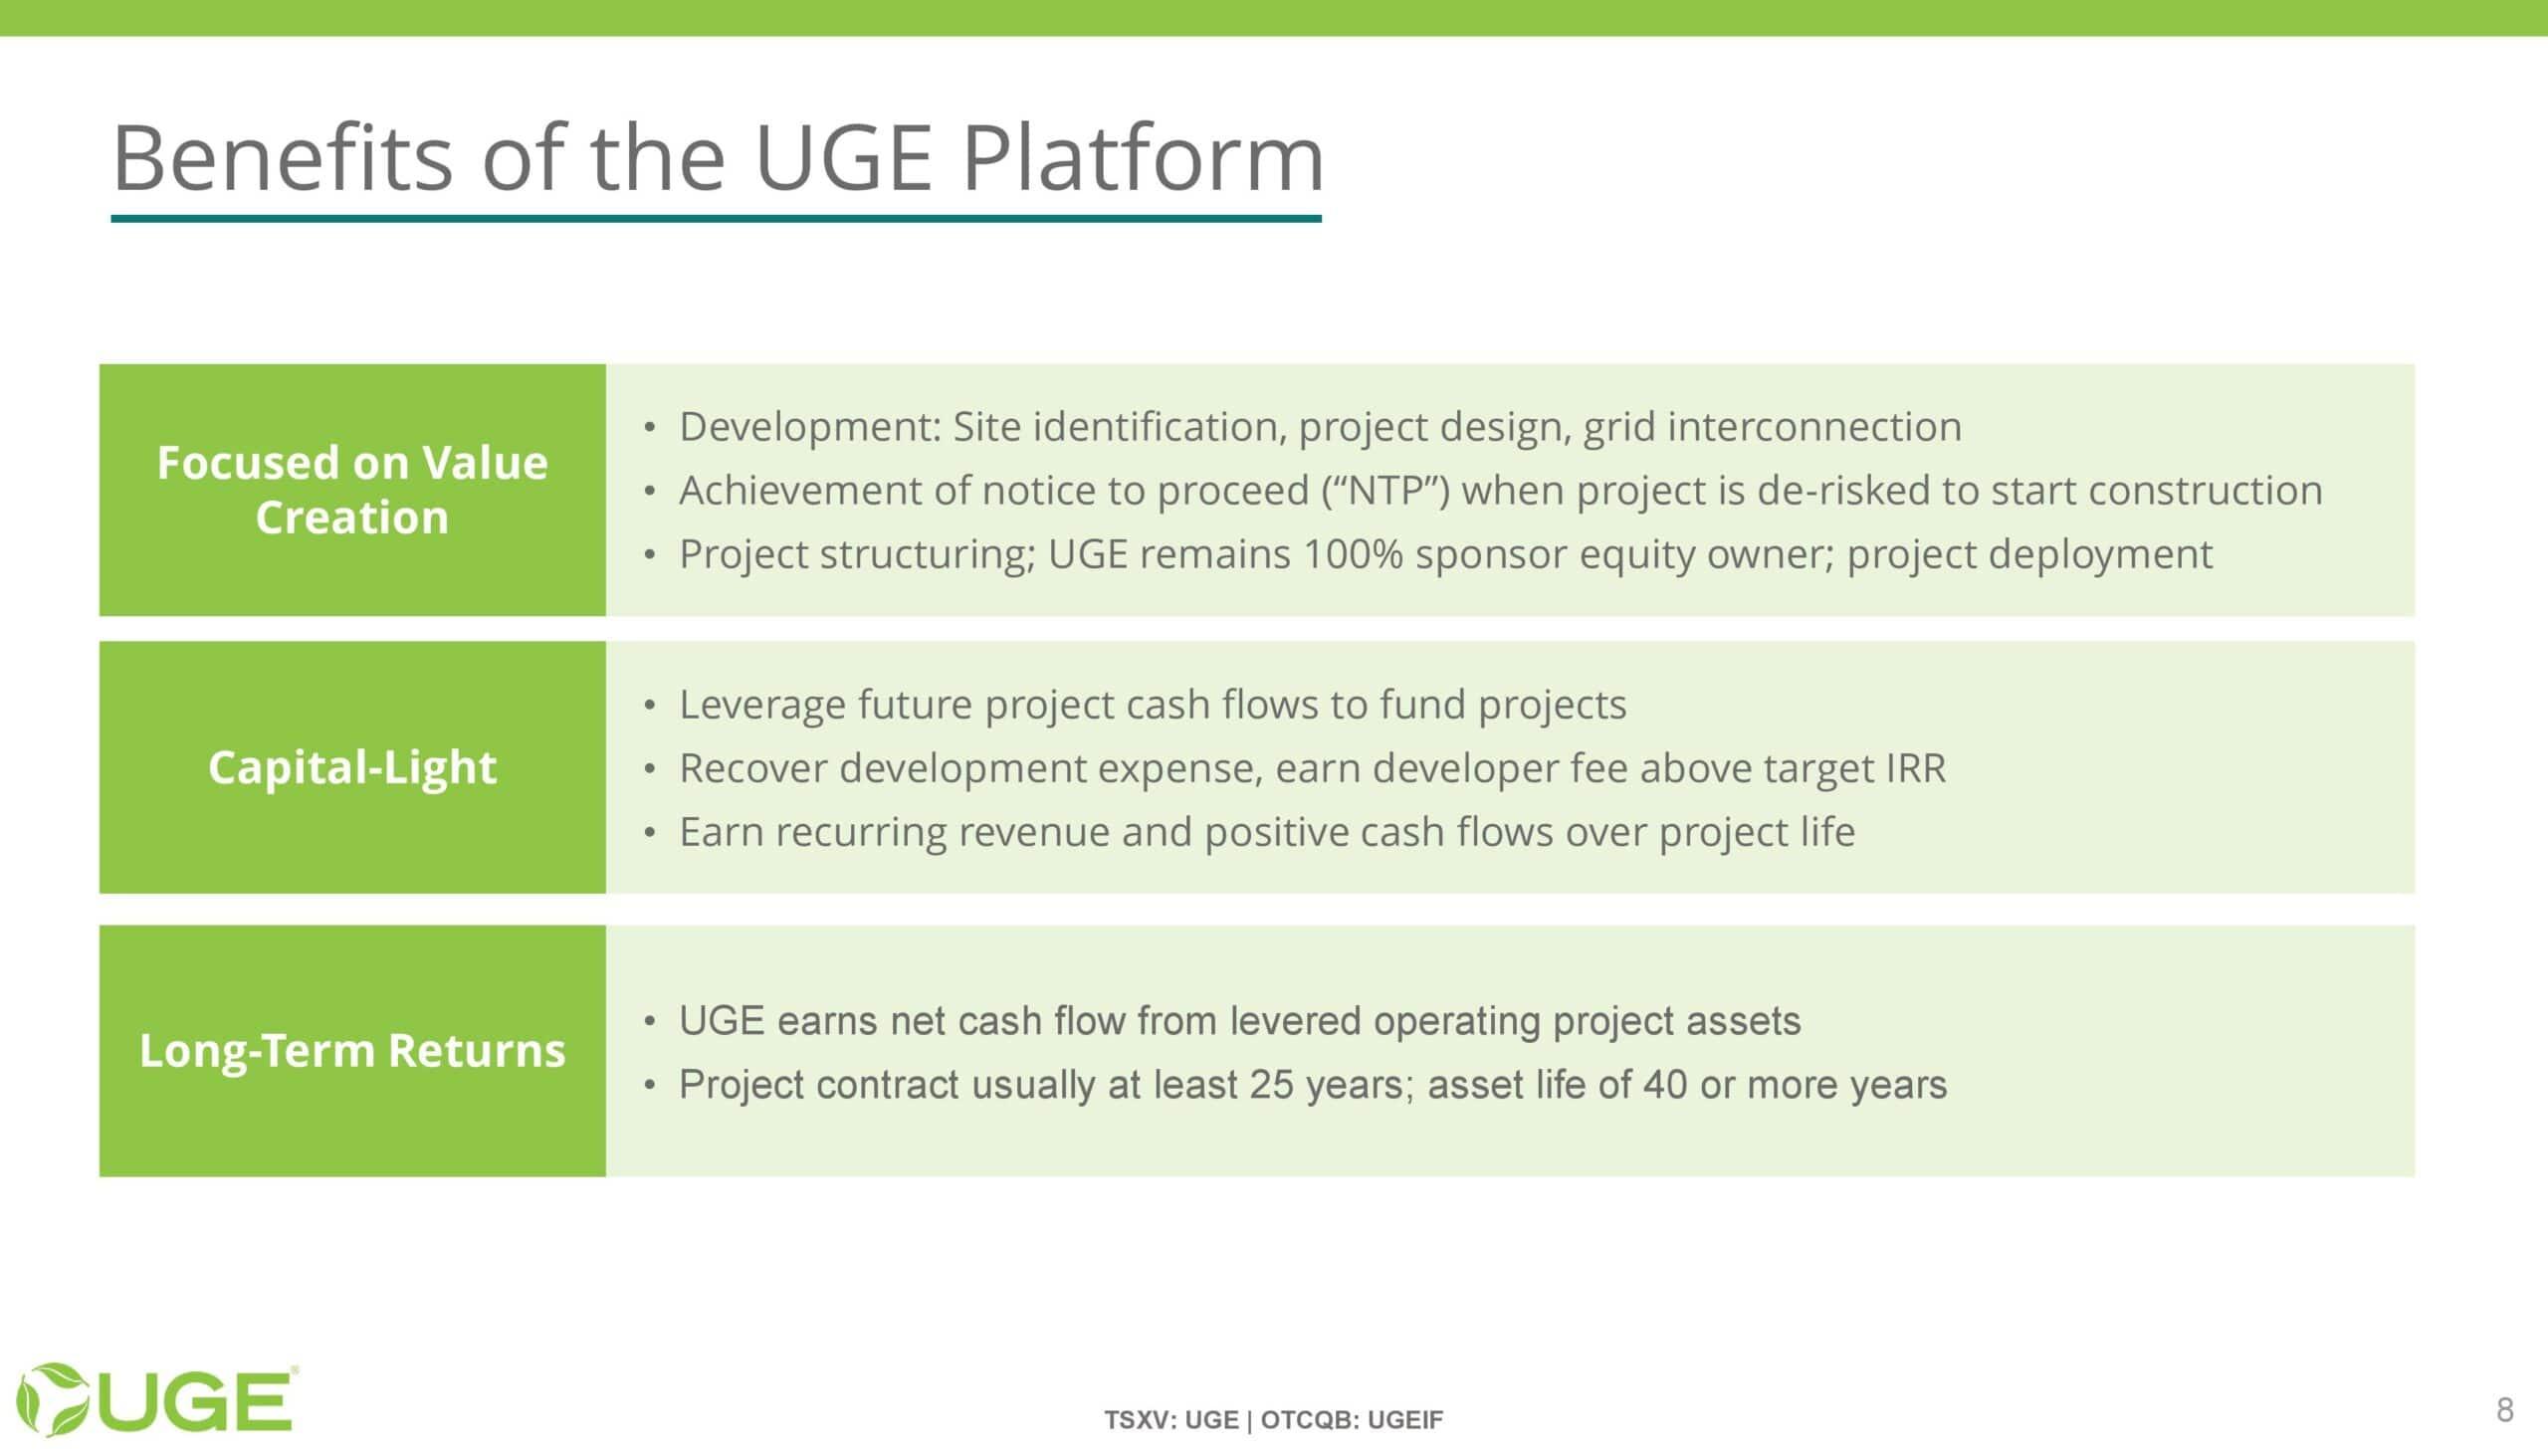 UGE Investor Presentation - 20211001-page-007